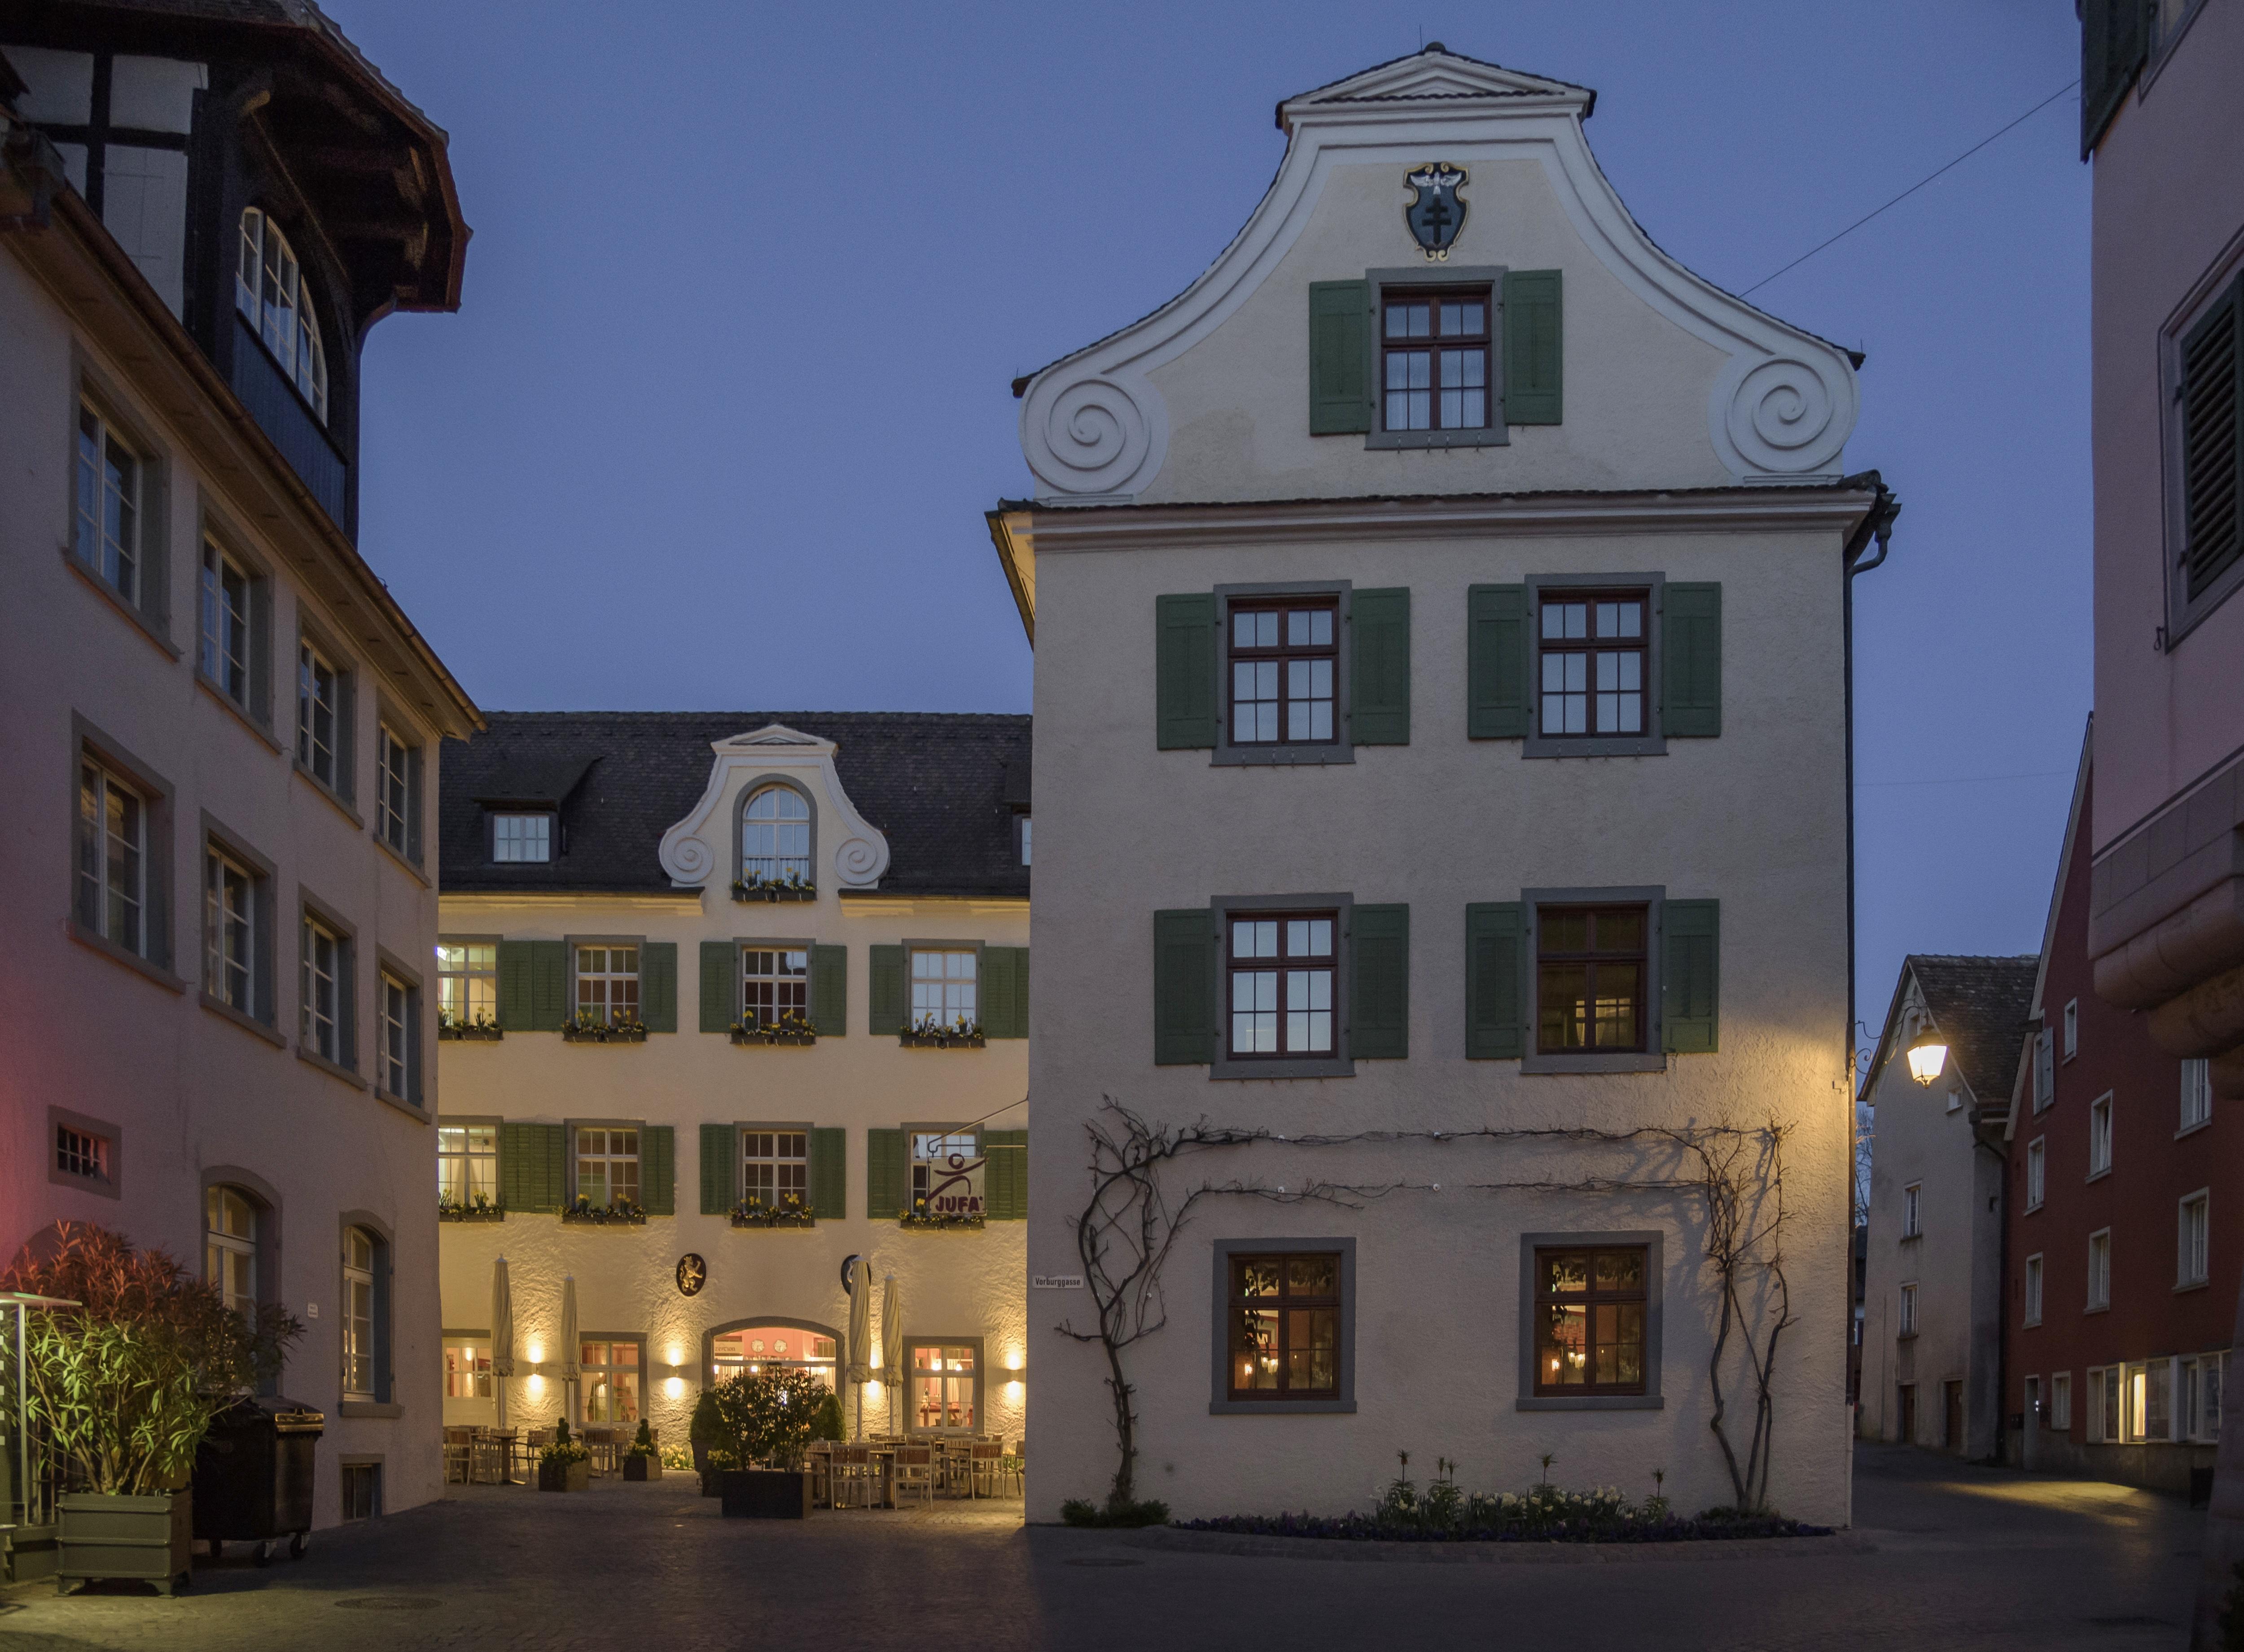 Jufa Hotel Meersburg Am Bodensee Gunstig Und Familienfreundlich